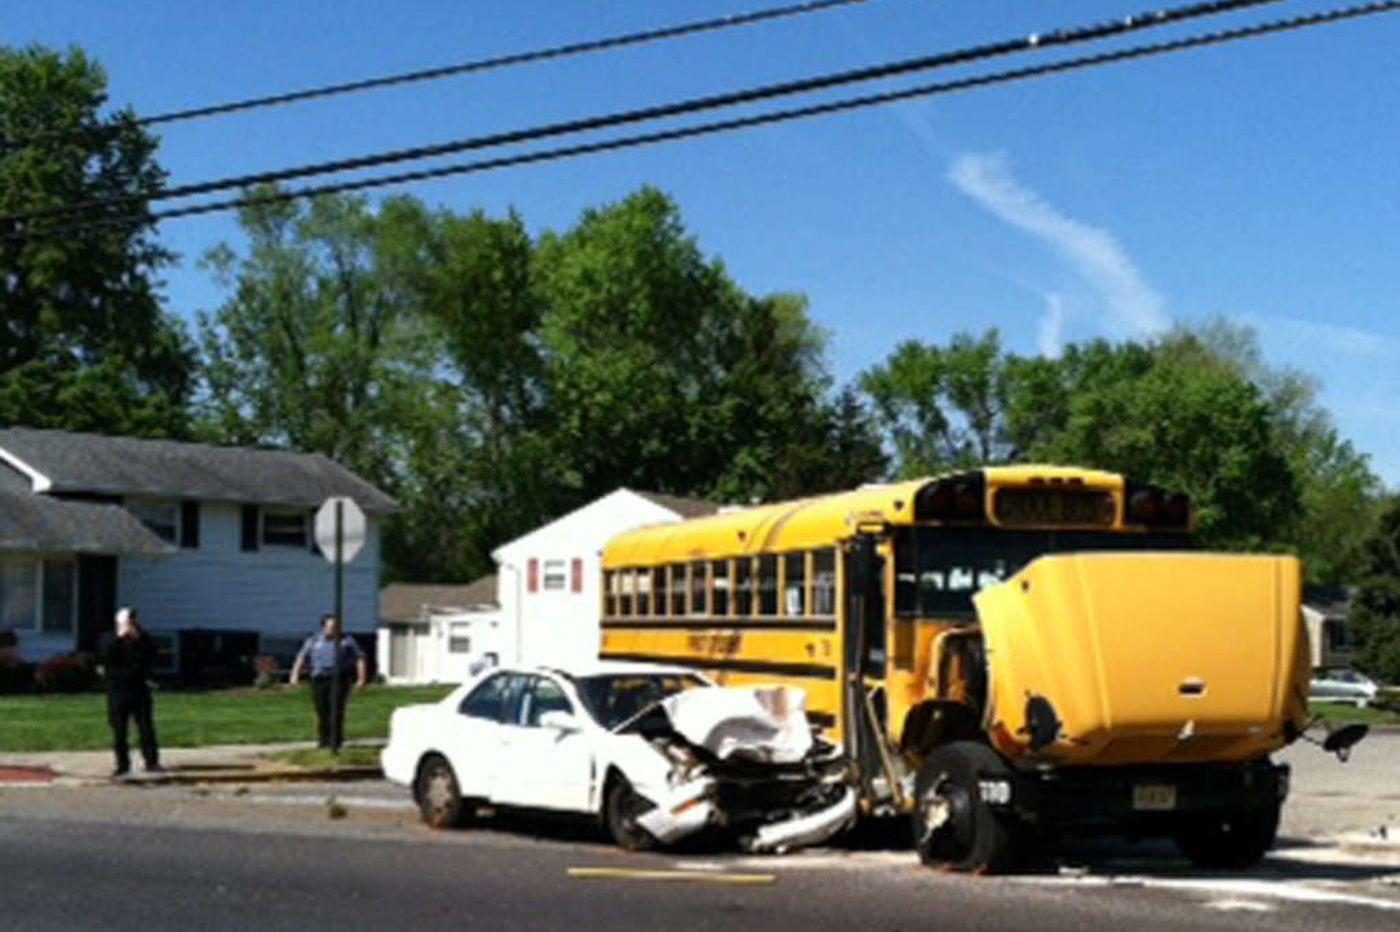 8 hurt in school-bus crash in Burlington Twp.